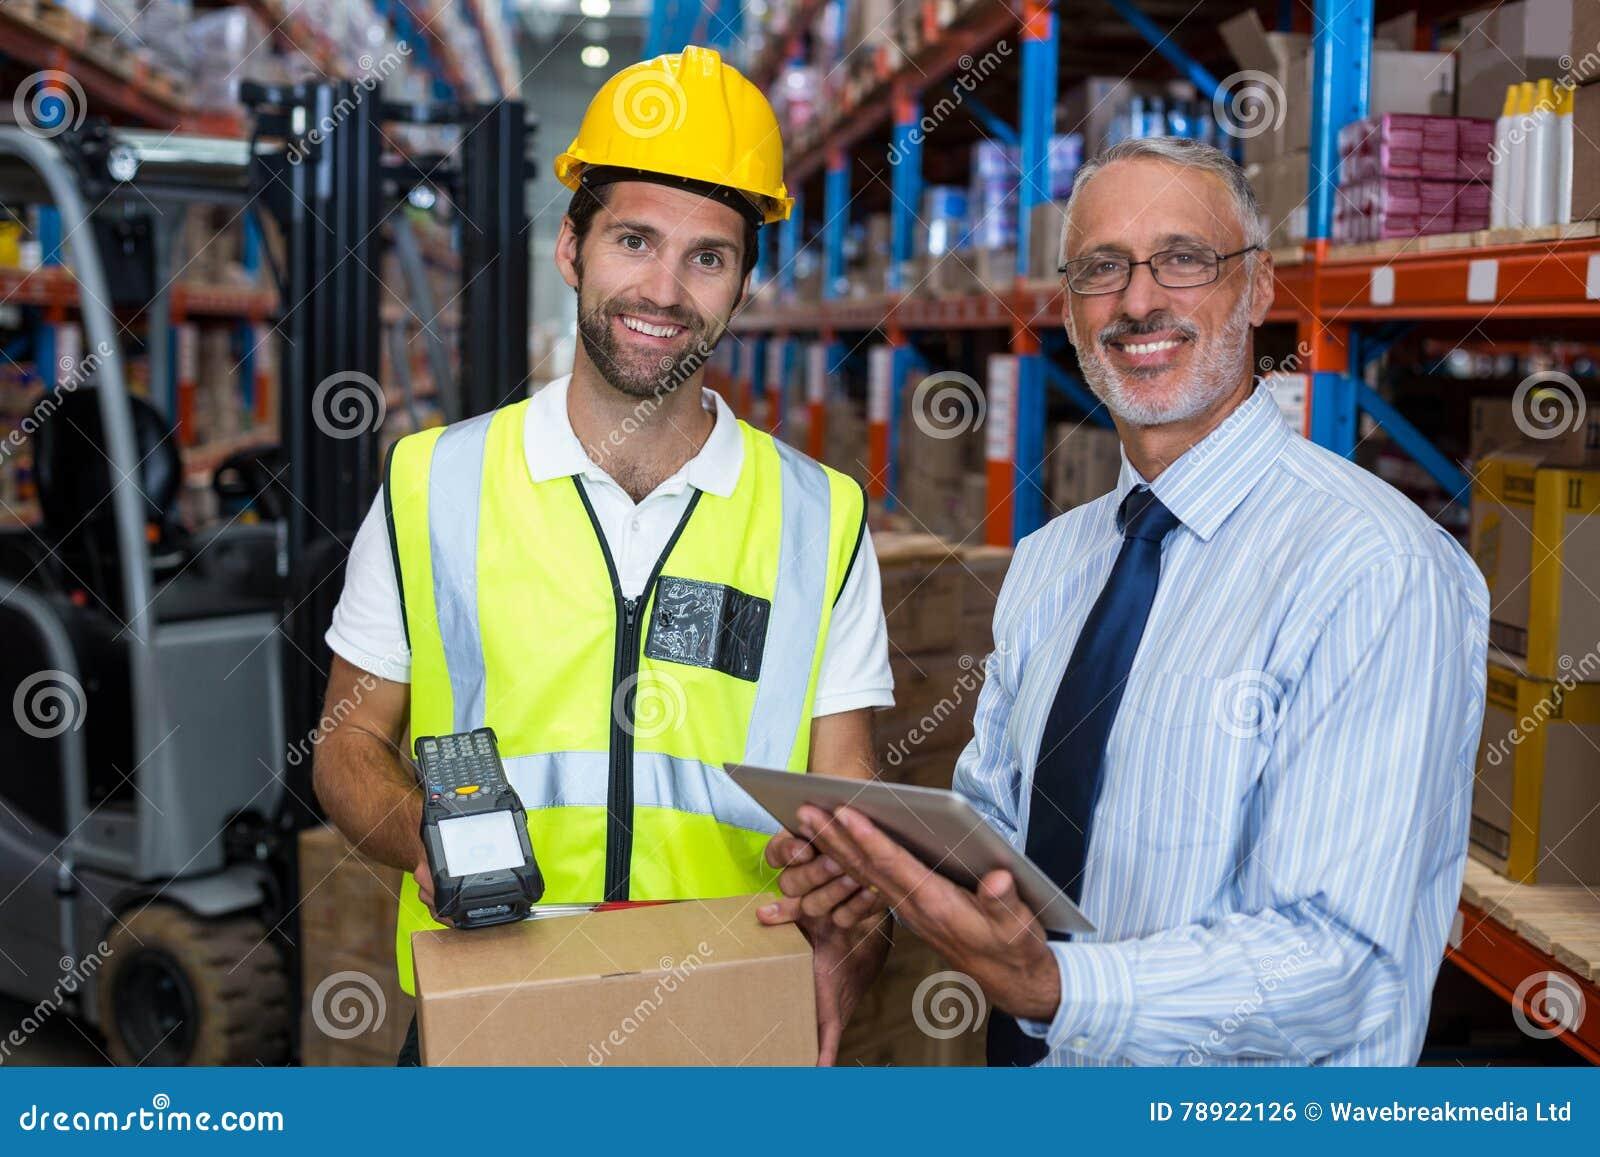 Складируйте менеджер держа цифровую таблетку пока мужской штрихкод скеннирования работника